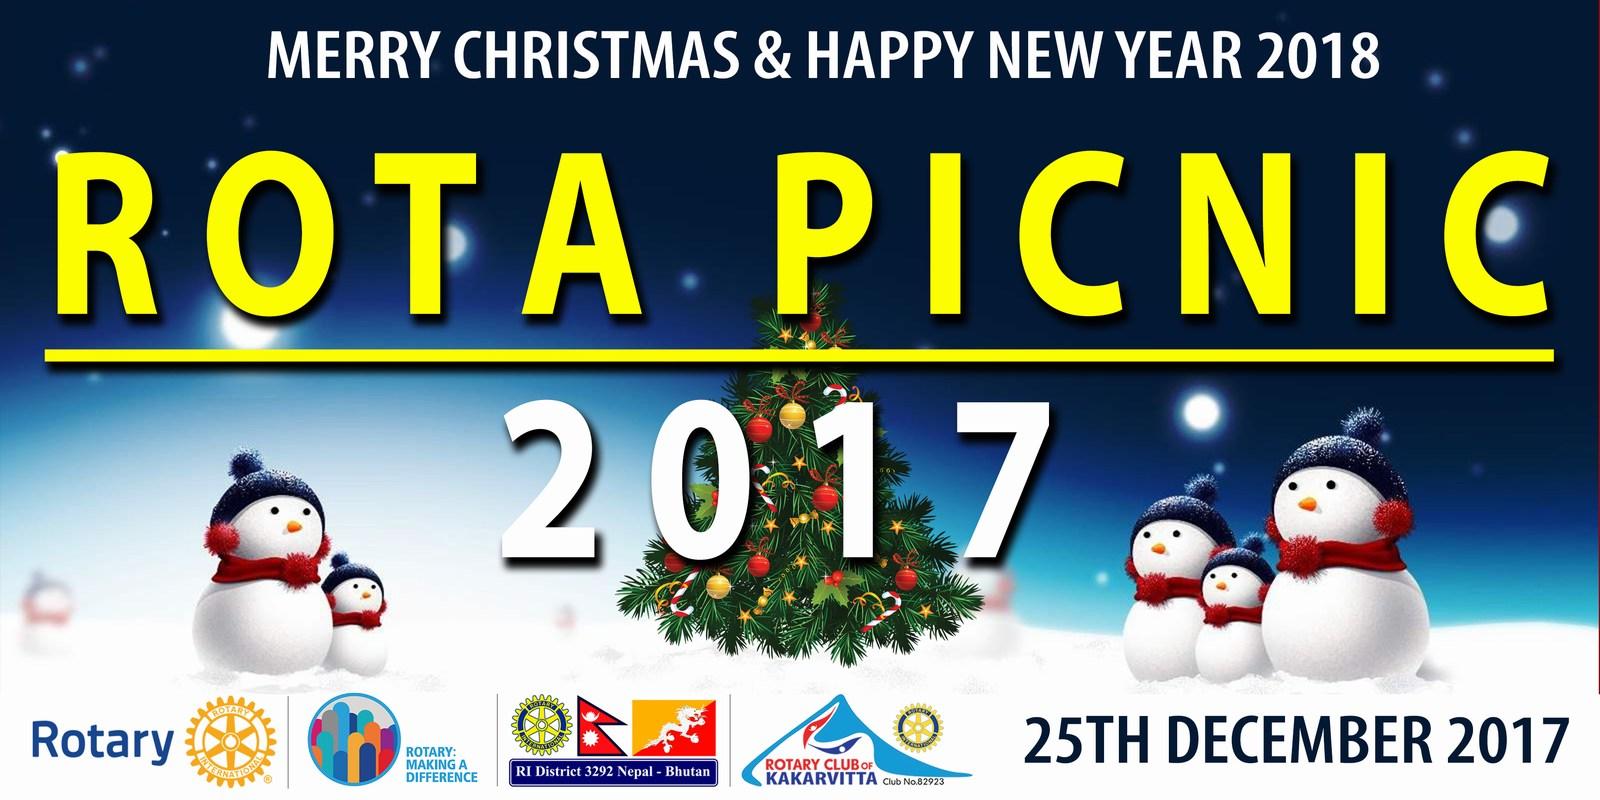 Rota-Picnic-2017-Rotary-Club-of-Kakarvitta-1